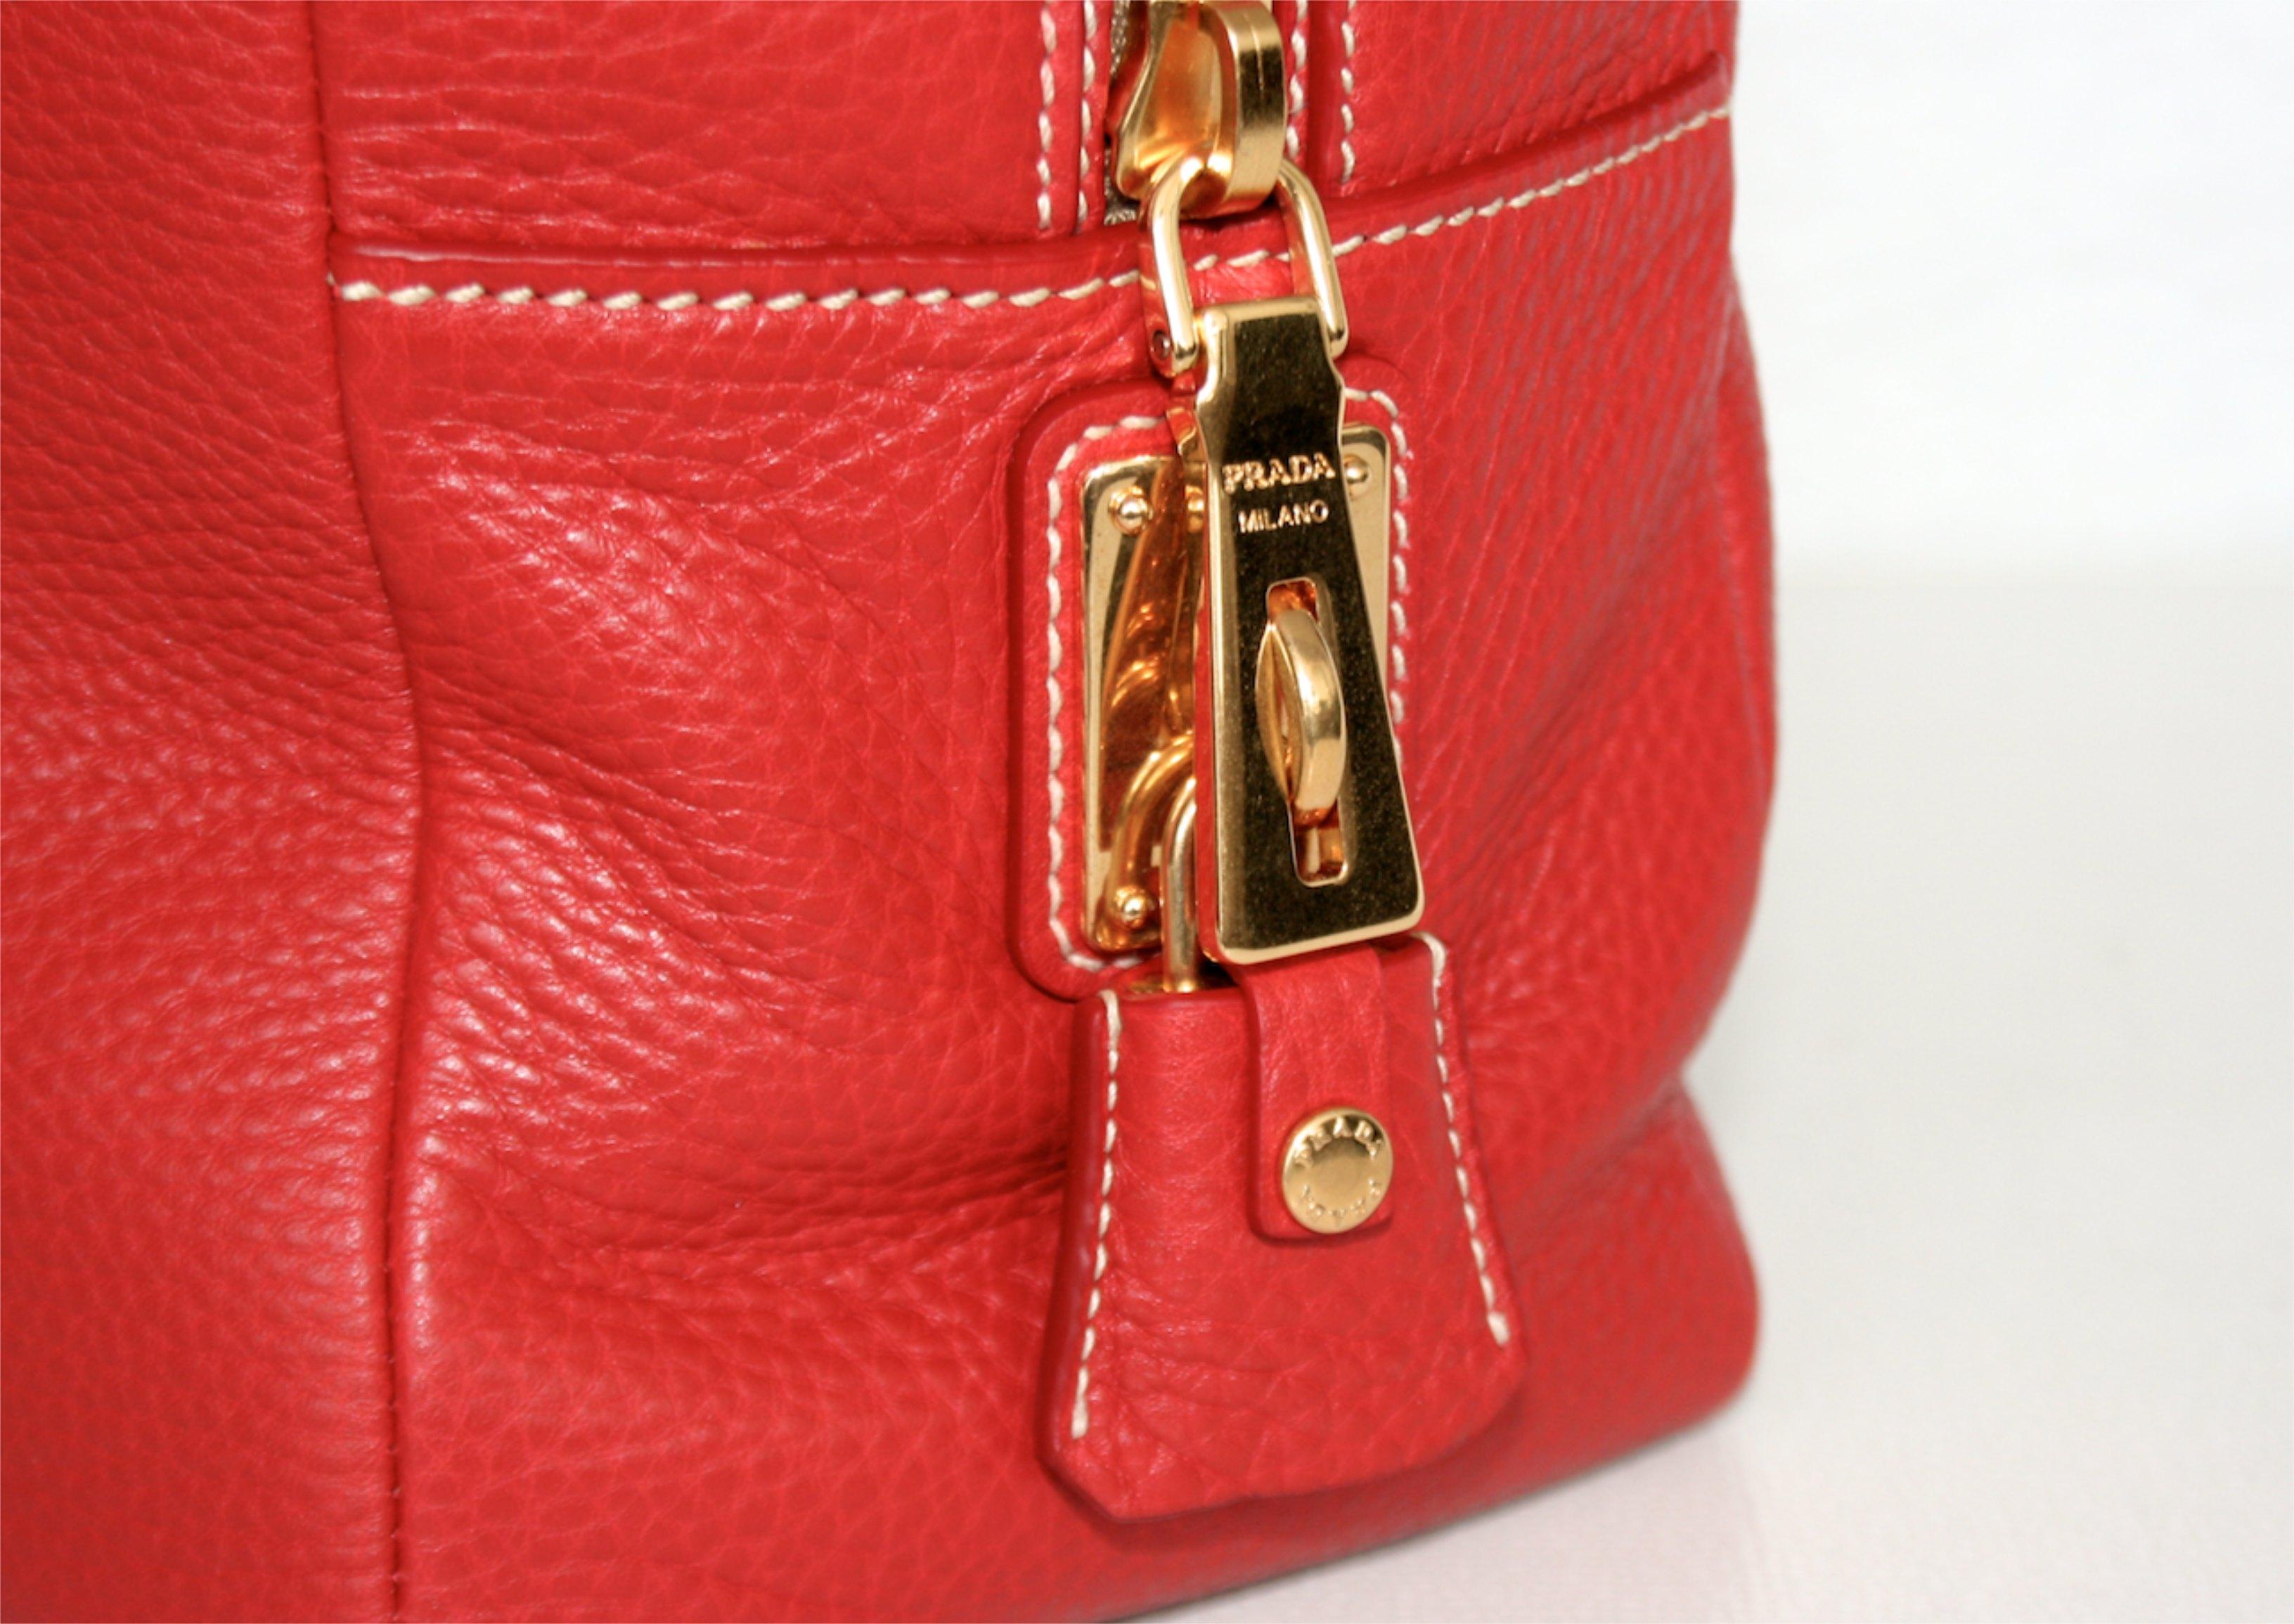 prada handbag bag purse handbag bag new new bl0816 rosso red. Black Bedroom Furniture Sets. Home Design Ideas